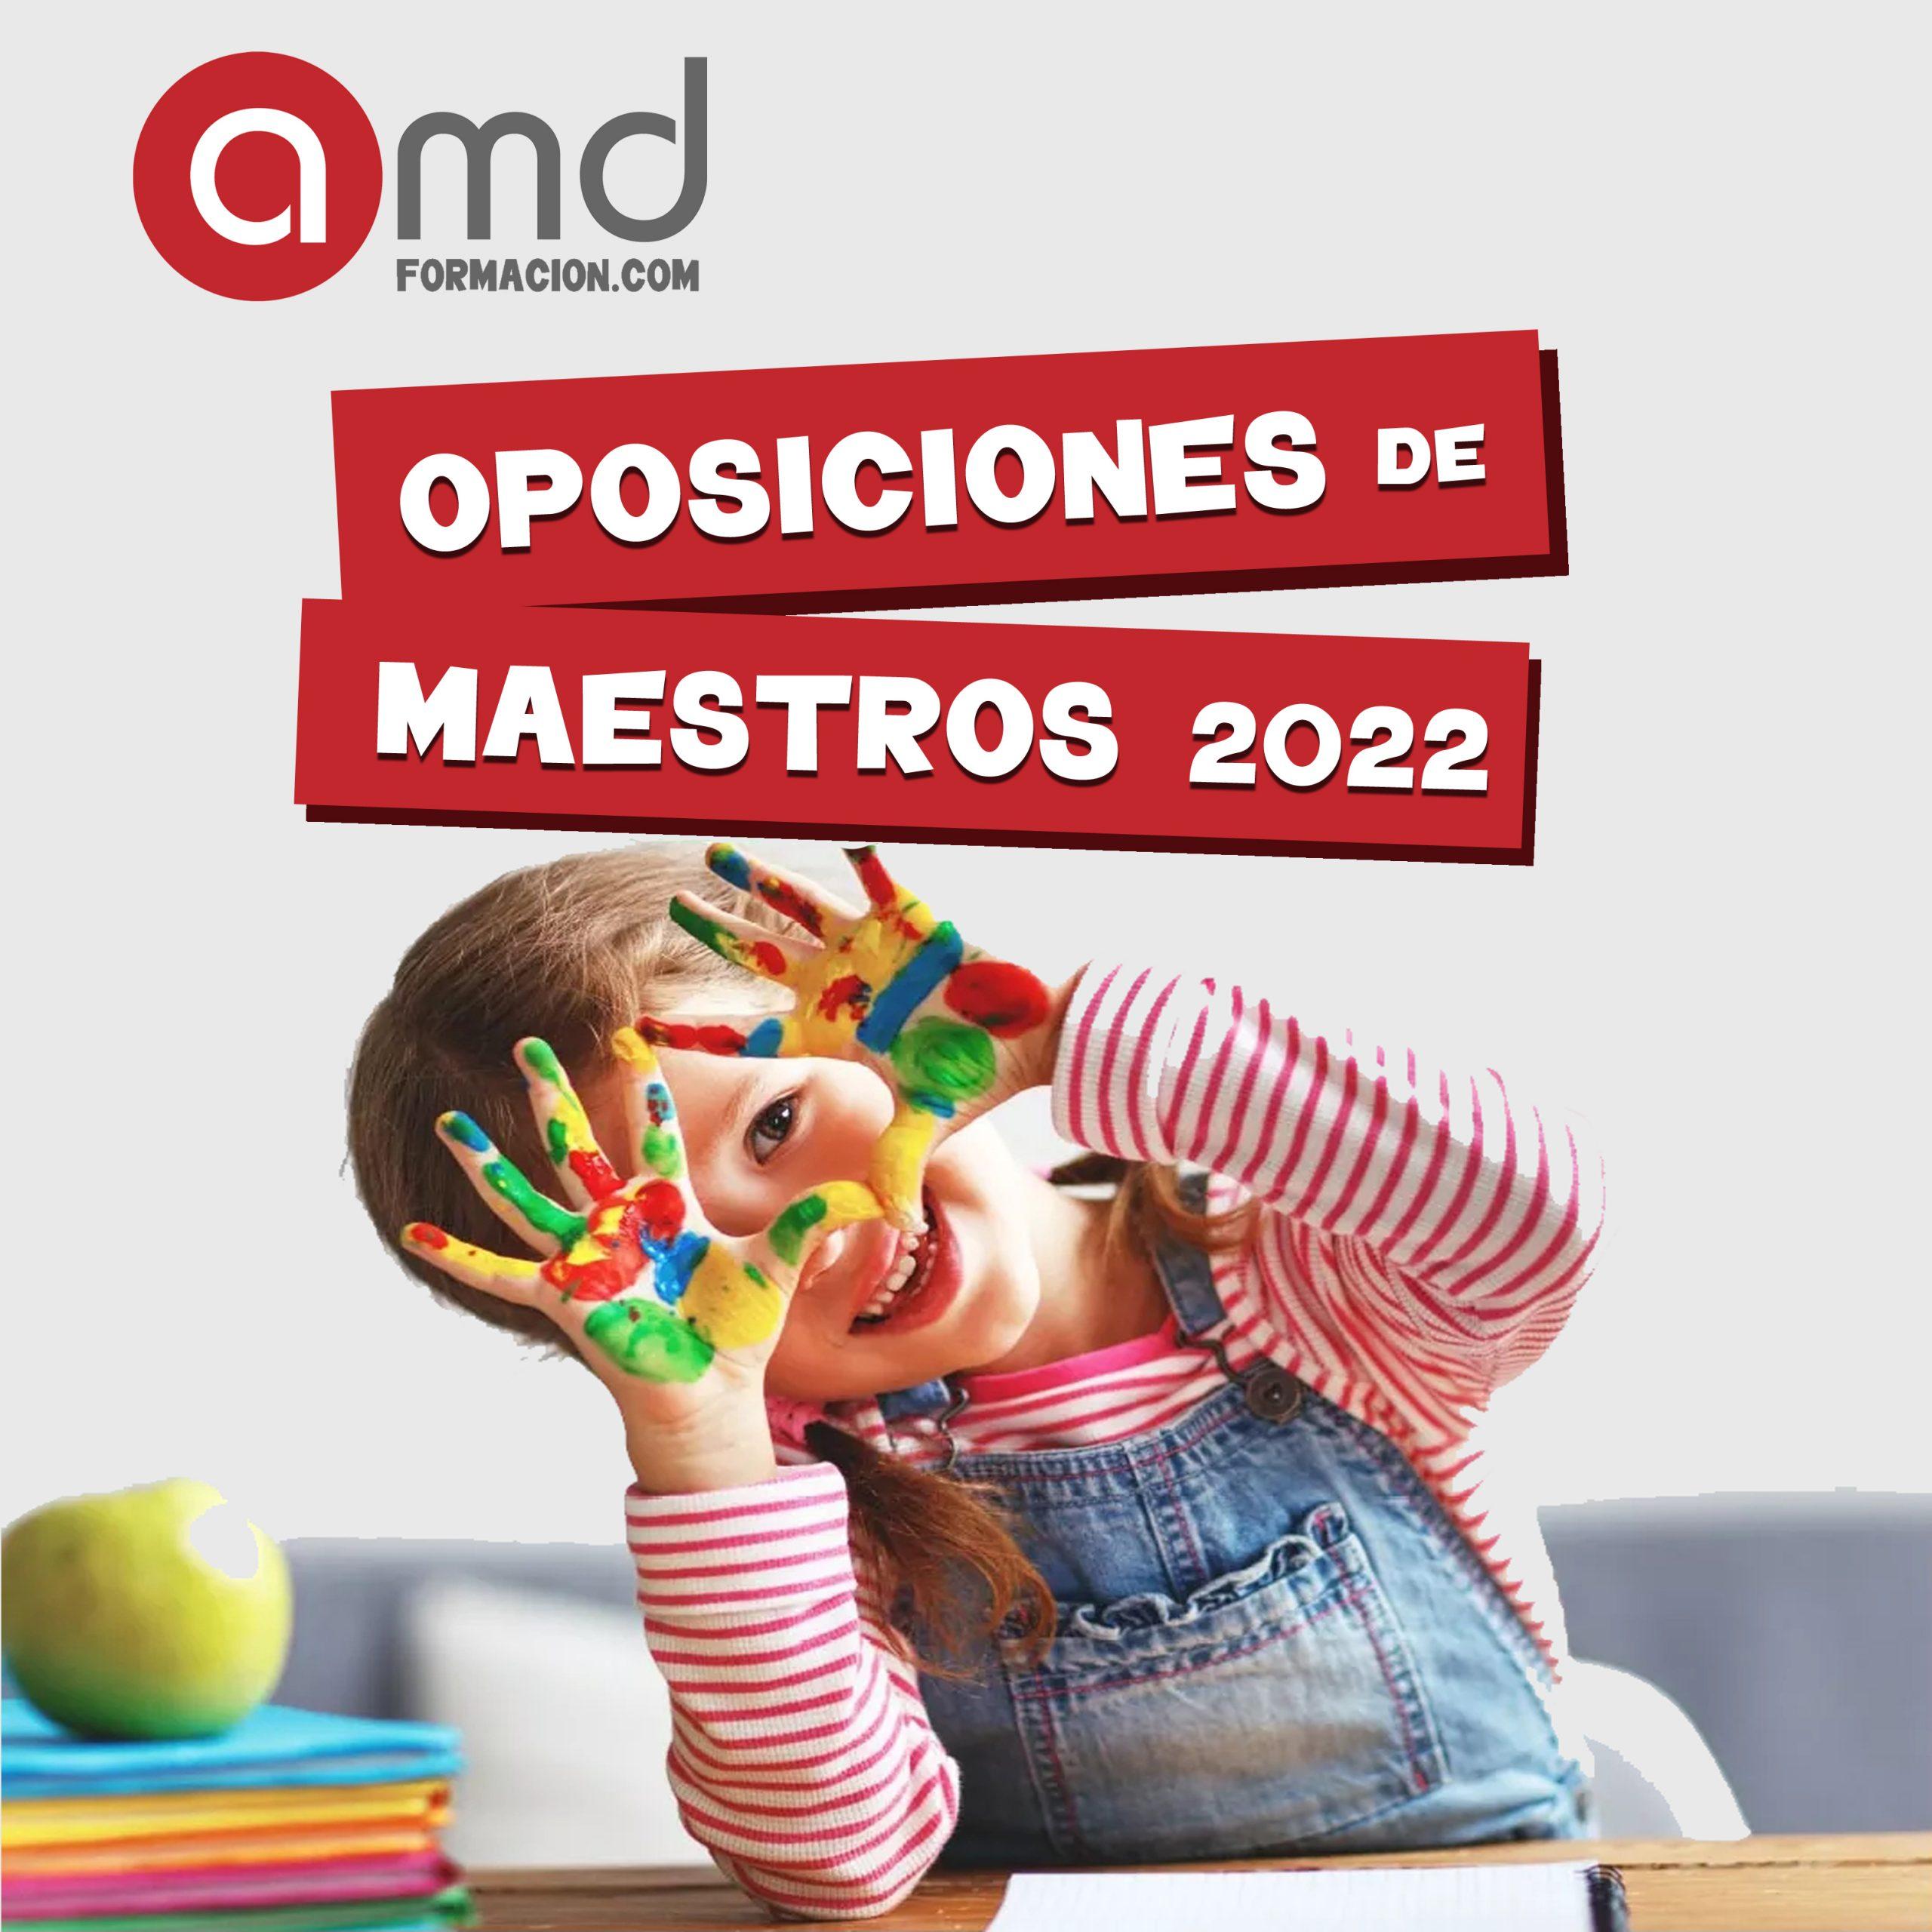 OPOSICIONES MAESTROS 2022 ANDALUCÍA